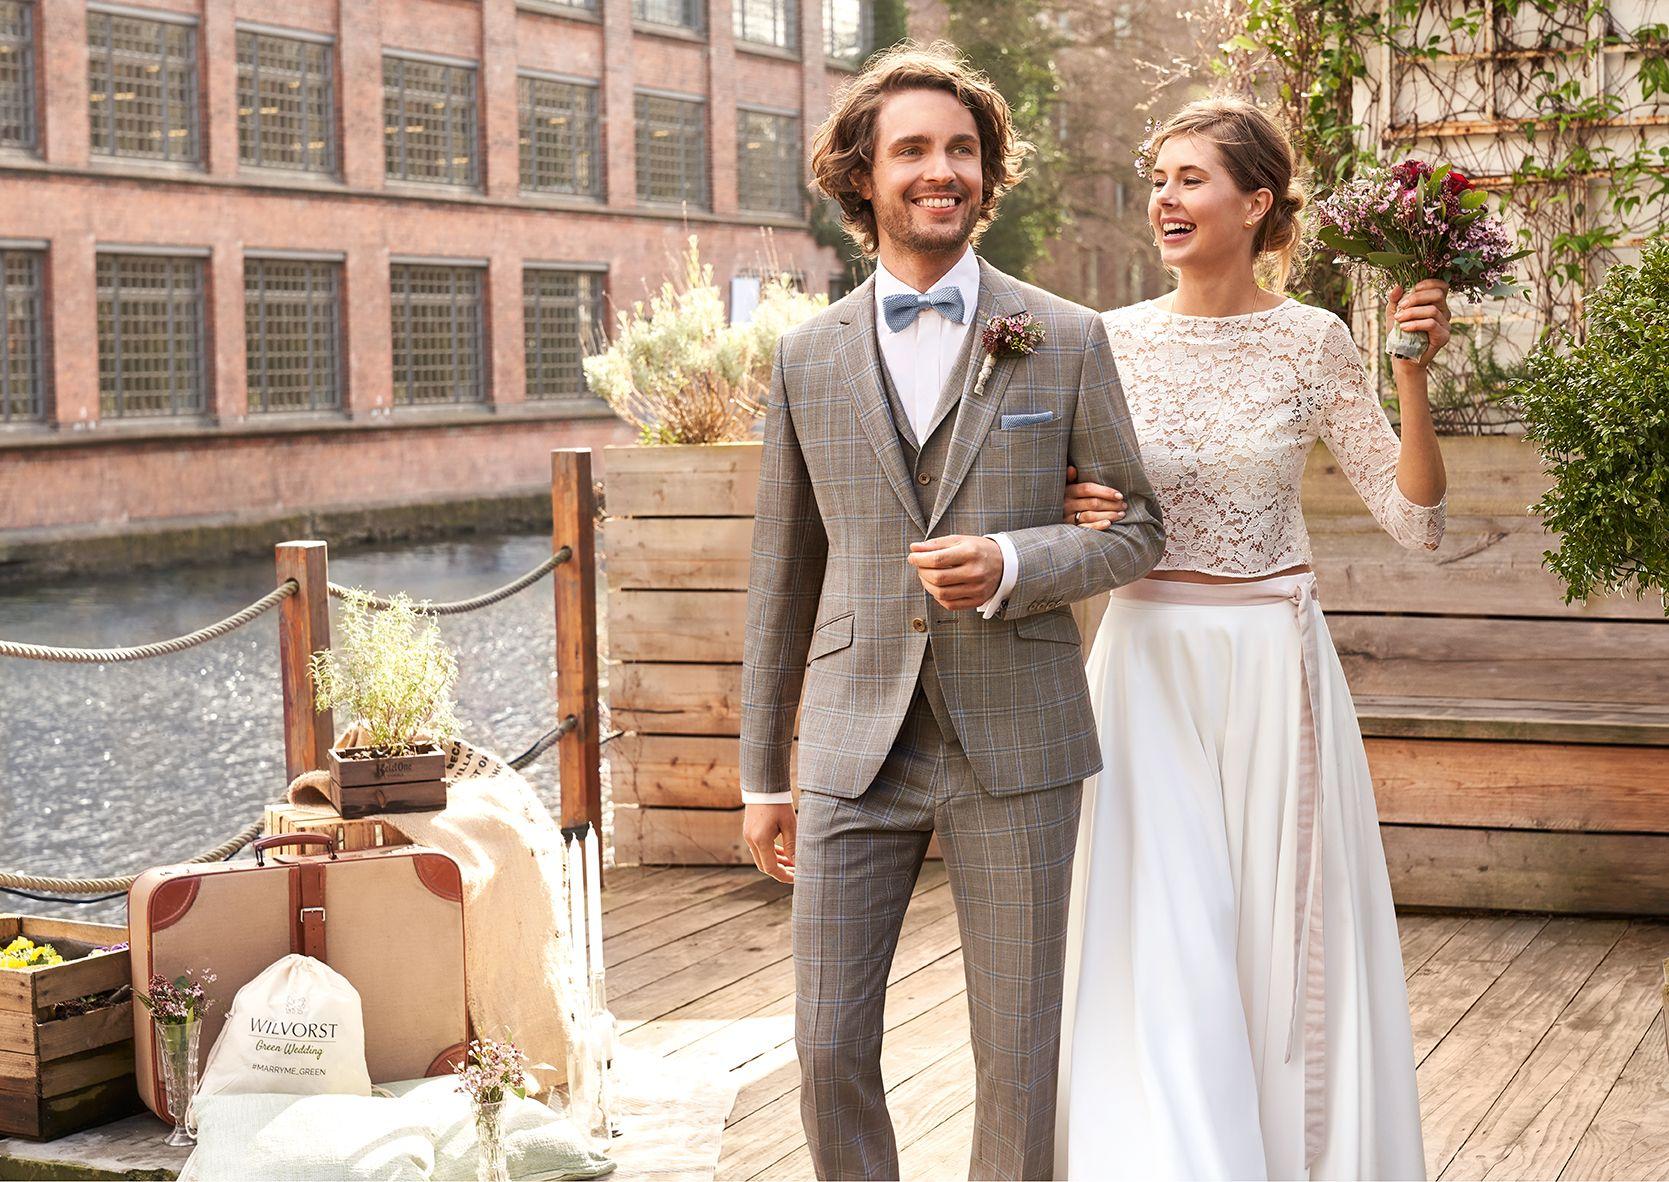 Hochzeitsanzug Green Wedding 2020.1 Look 4 | Kleid hochzeit